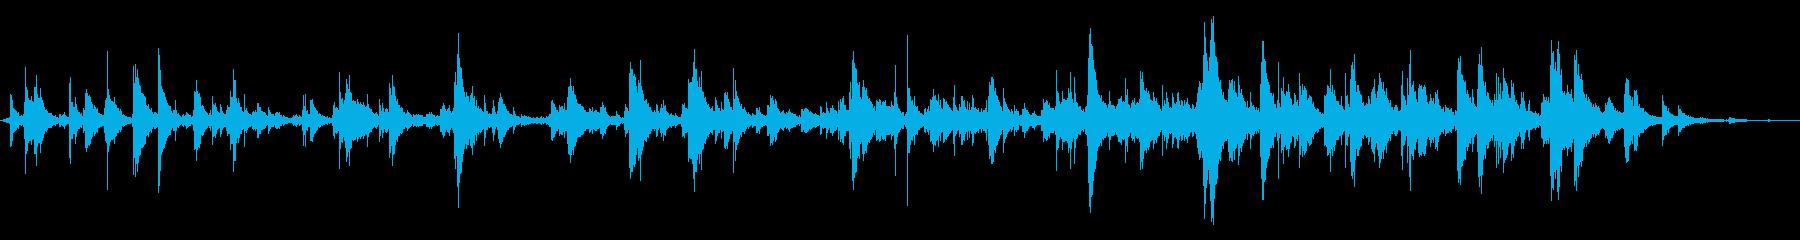 メタルゲート:ガタガタ細いバーの再生済みの波形